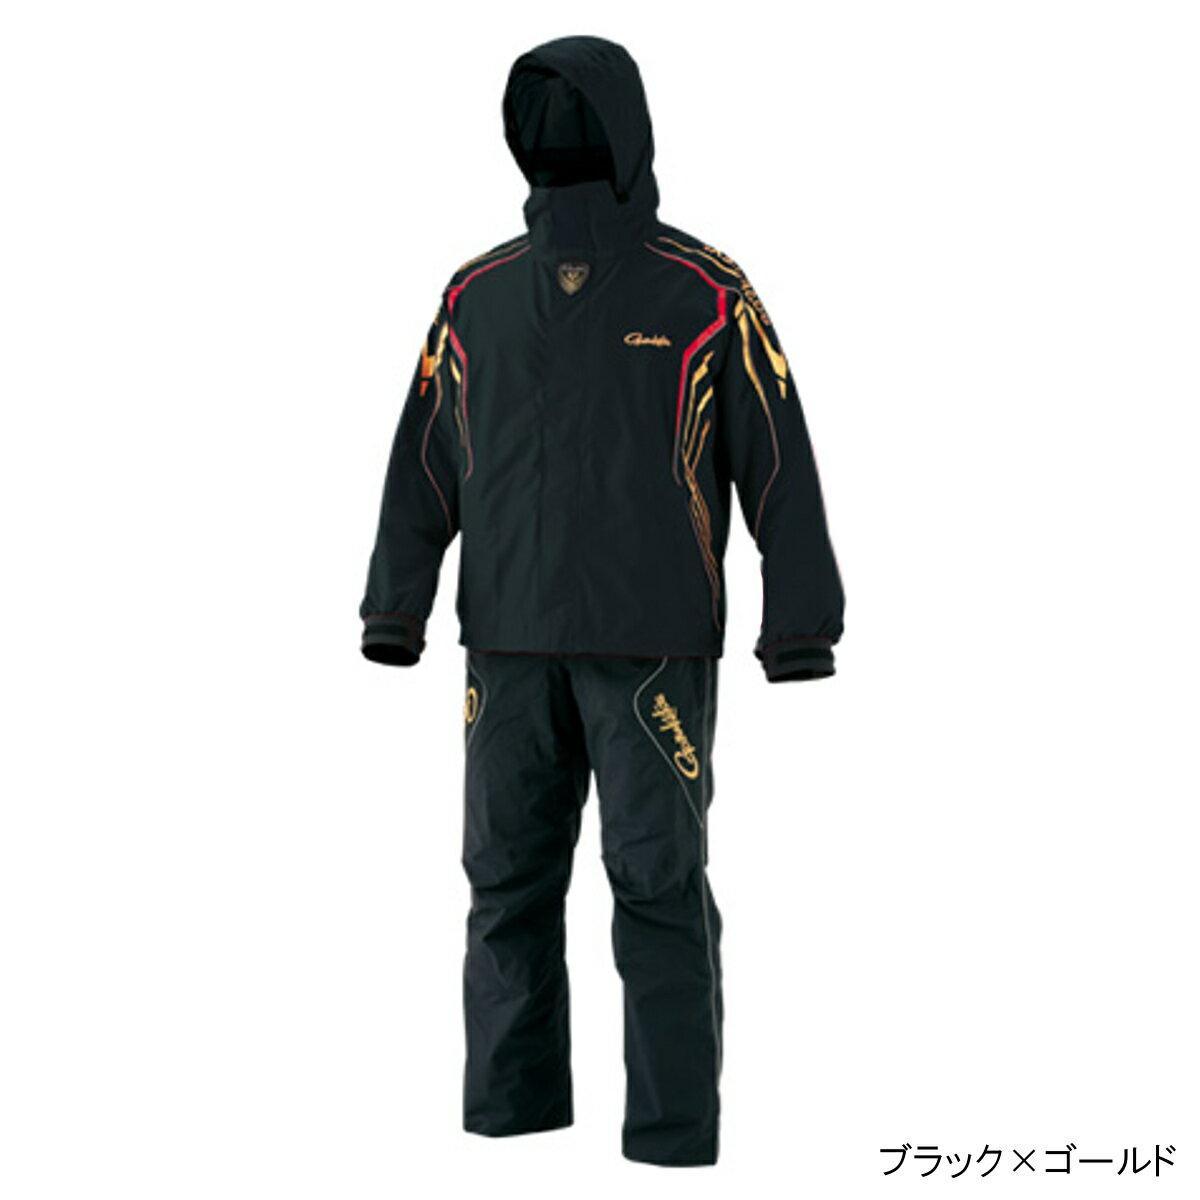 ゴアテックス レインスーツ GM-3500 3L ブラック×ゴールド【送料無料】